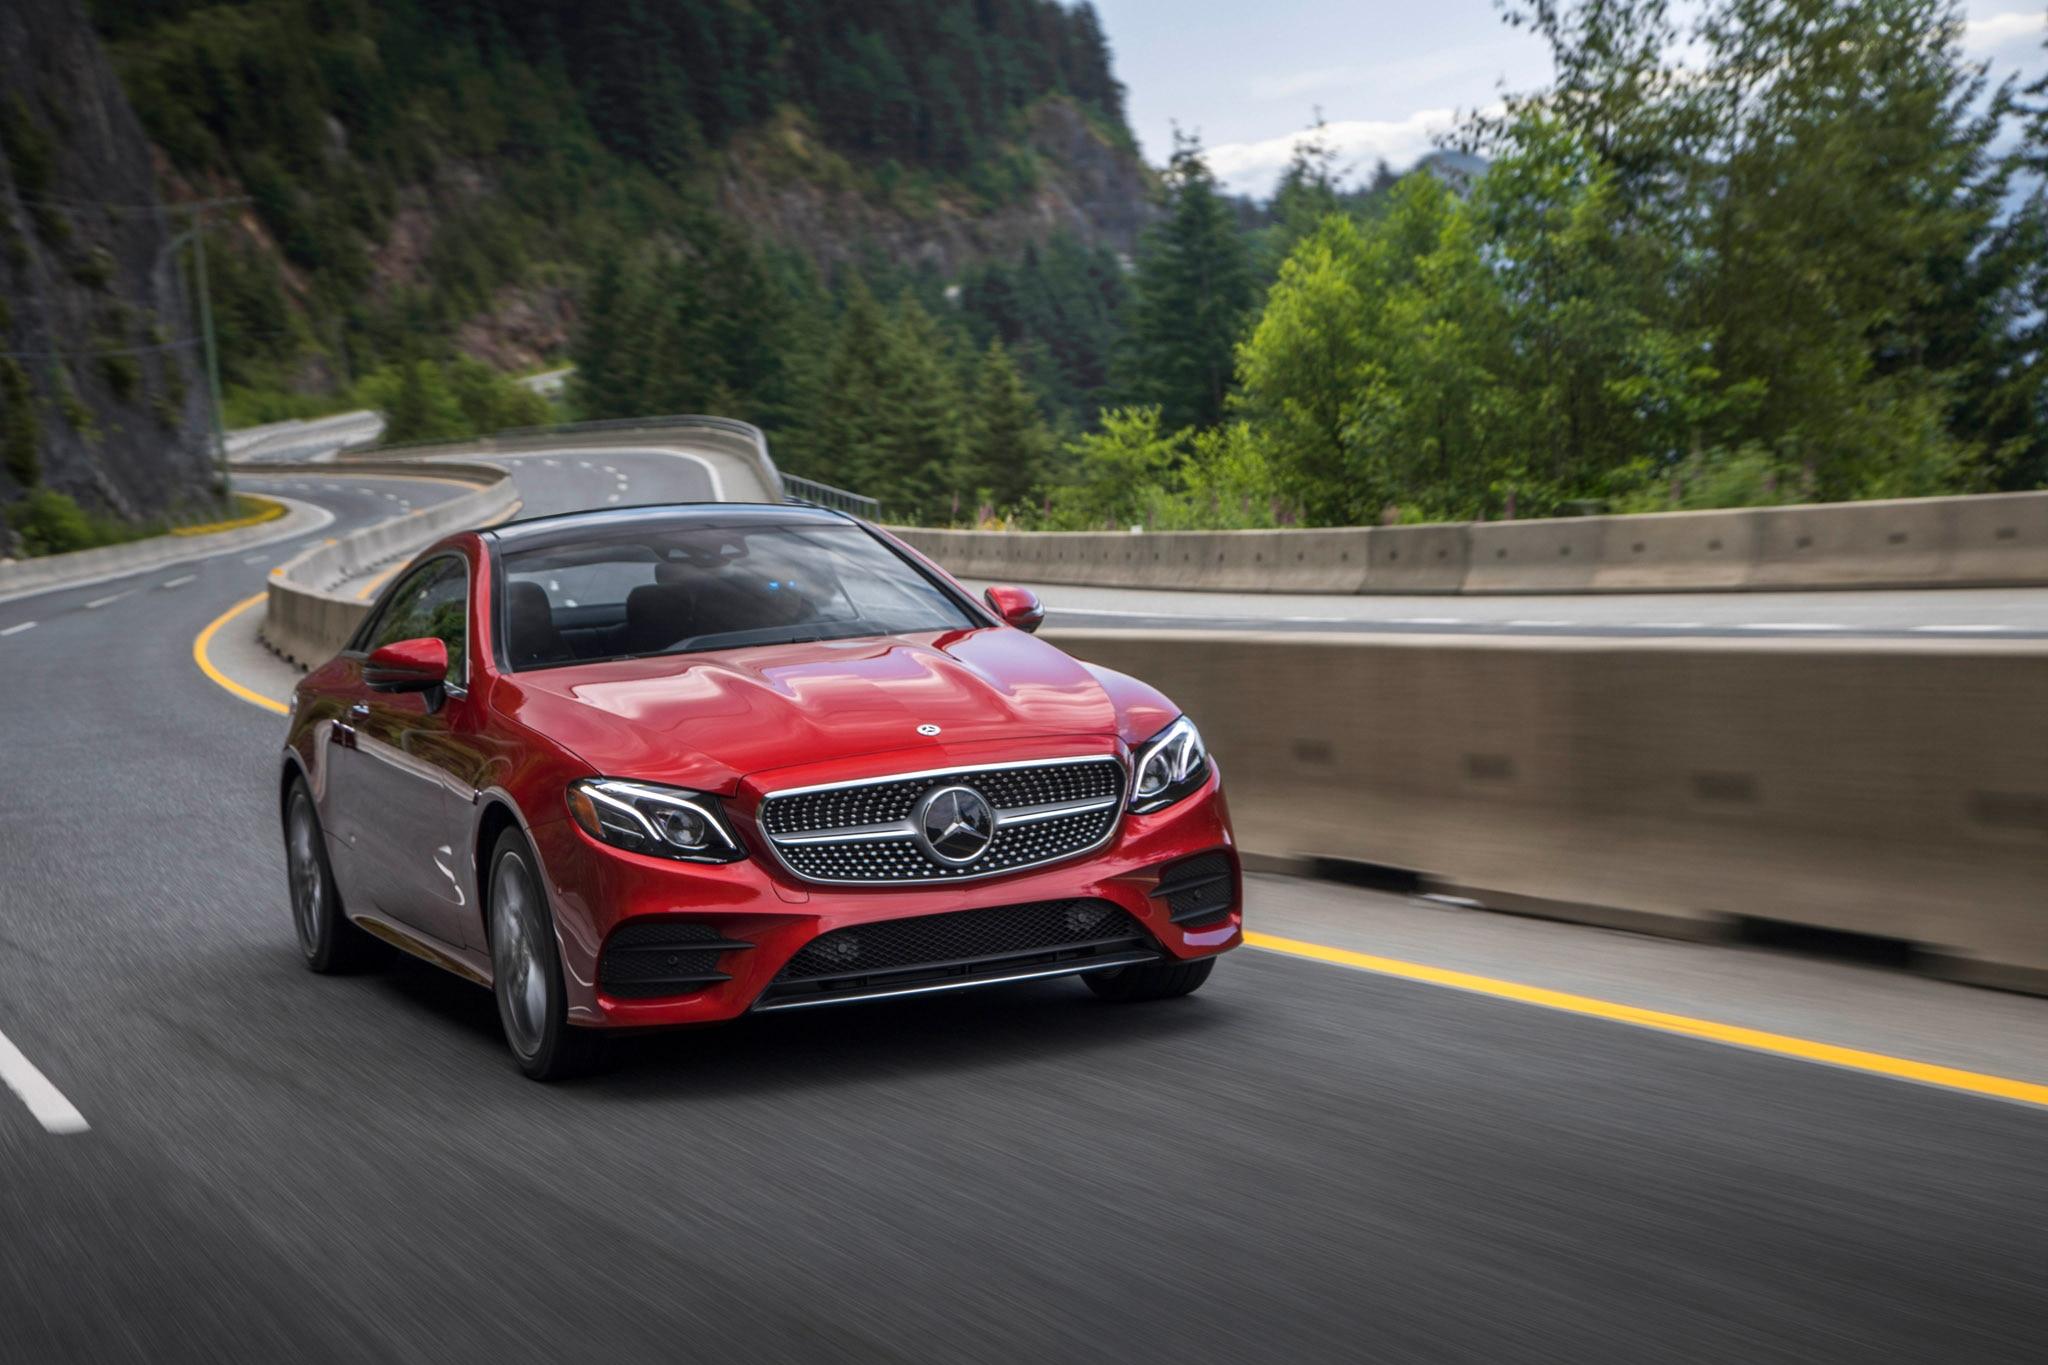 2018 mercedes benz e400 coupe u s spec first drive review for Mercedes benz e400 coupe 2018 price